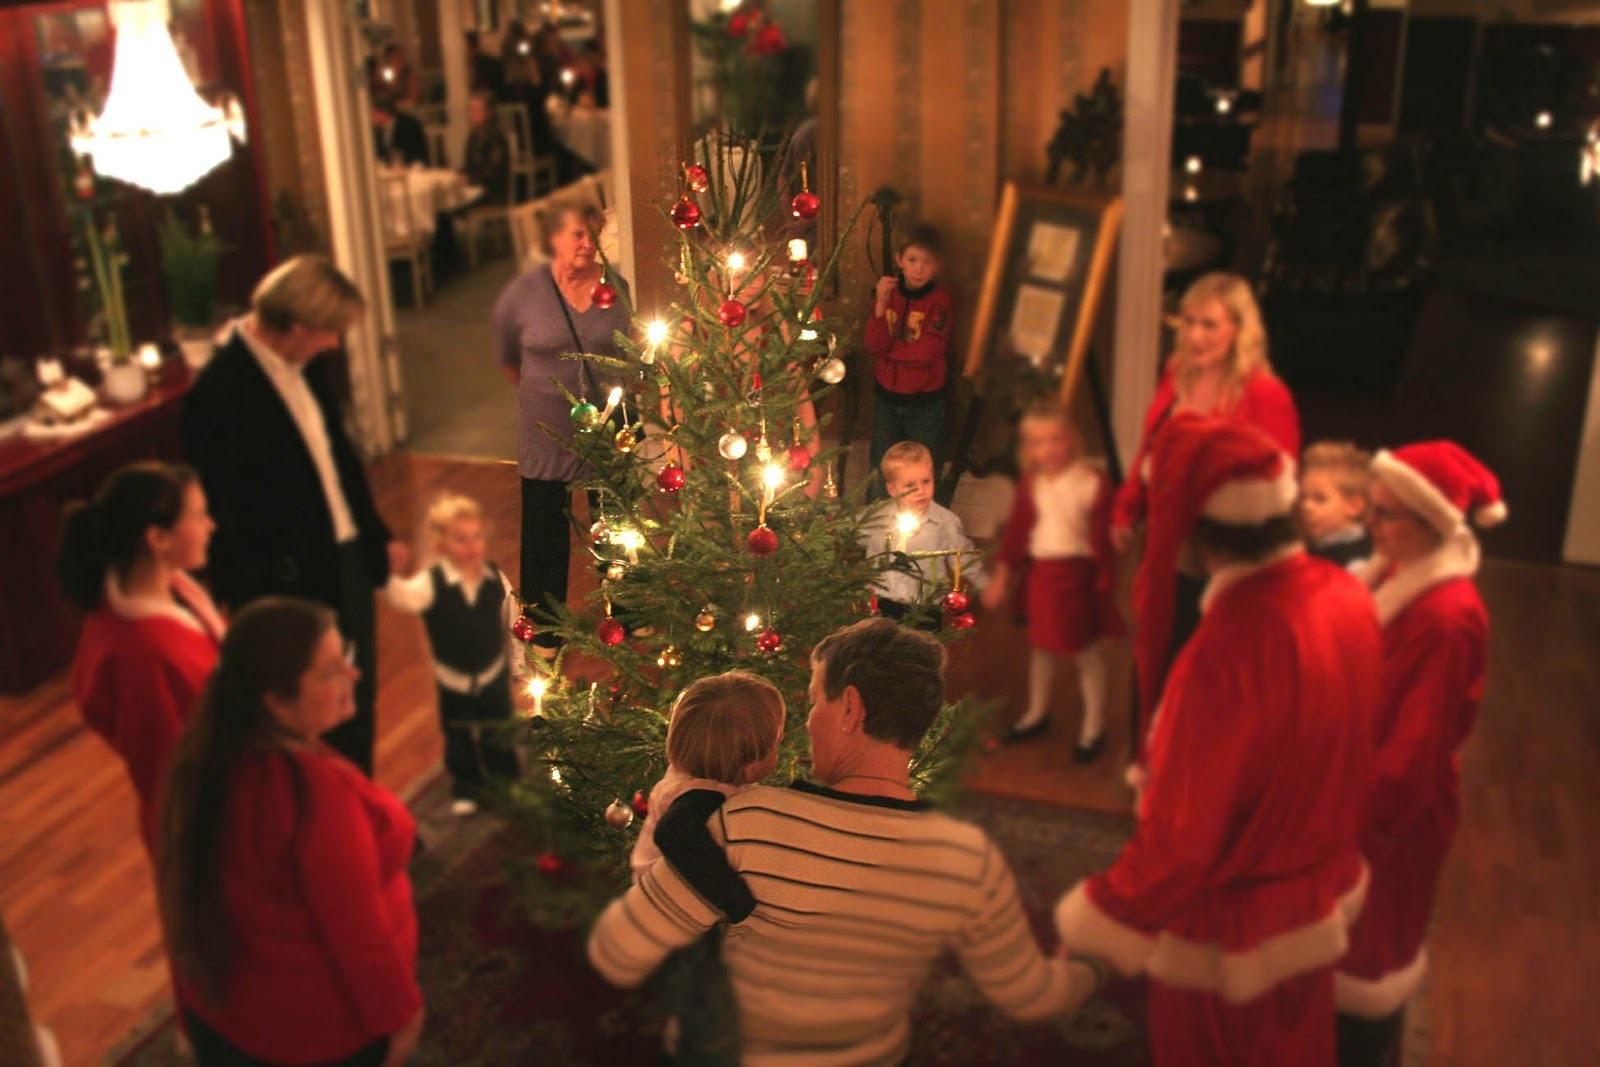 singing under the christmas tree - Who Celebrates Christmas